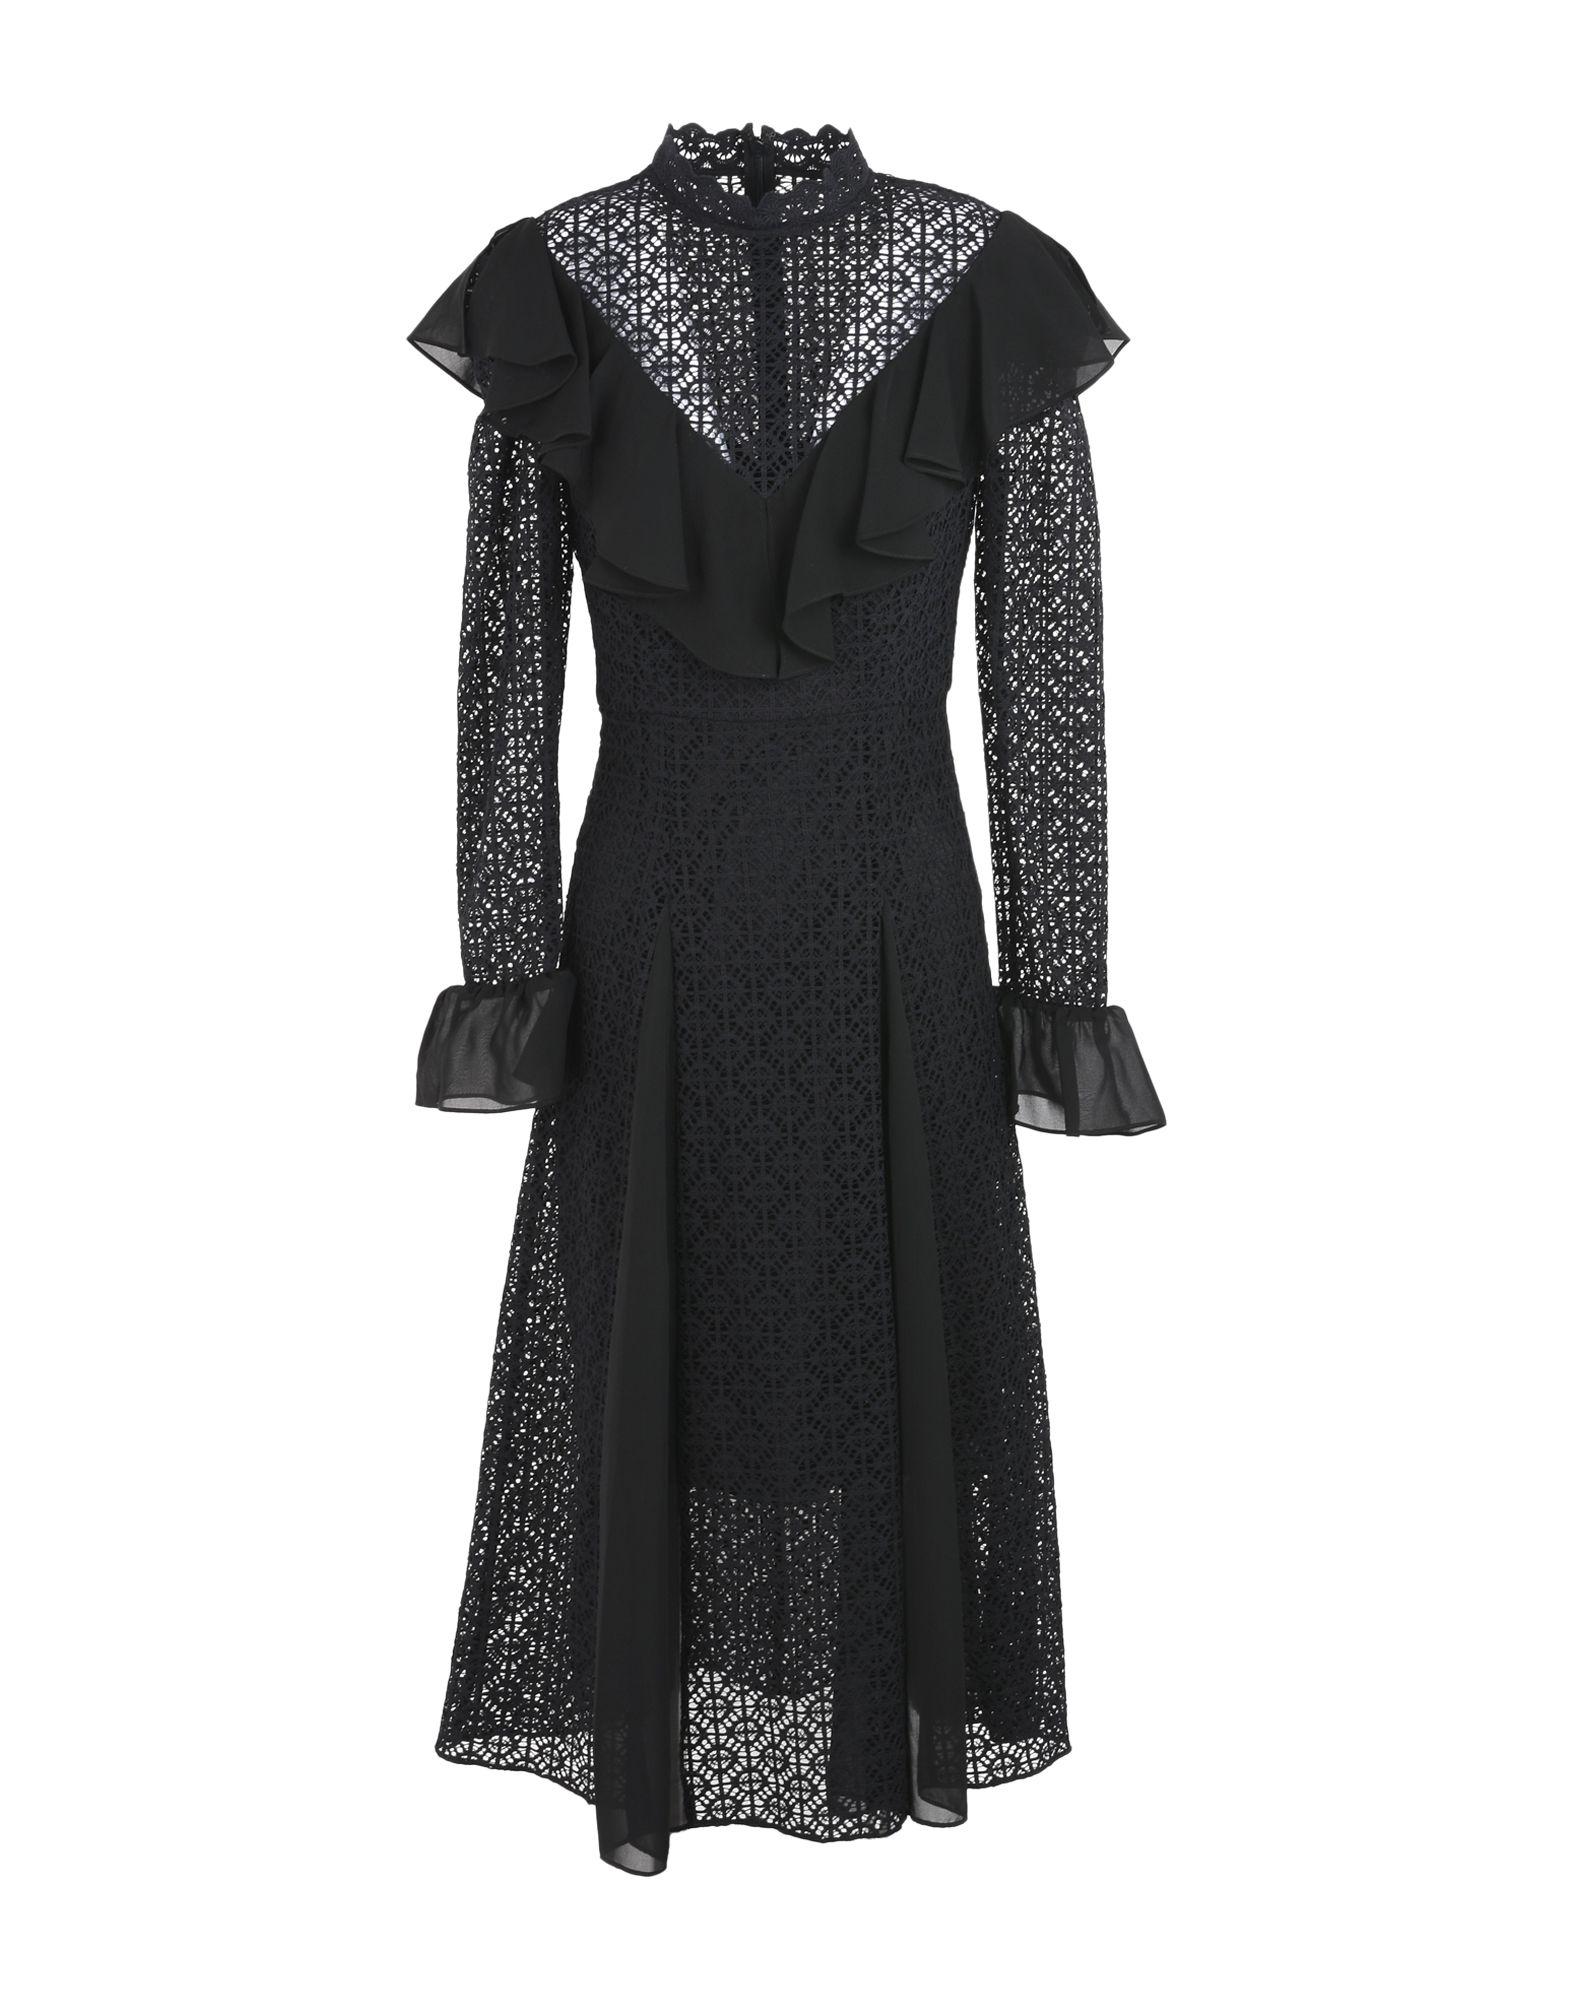 TEMPERLEY LONDON Платье длиной 3/4 платье alice by temperley платья и сарафаны макси длинные